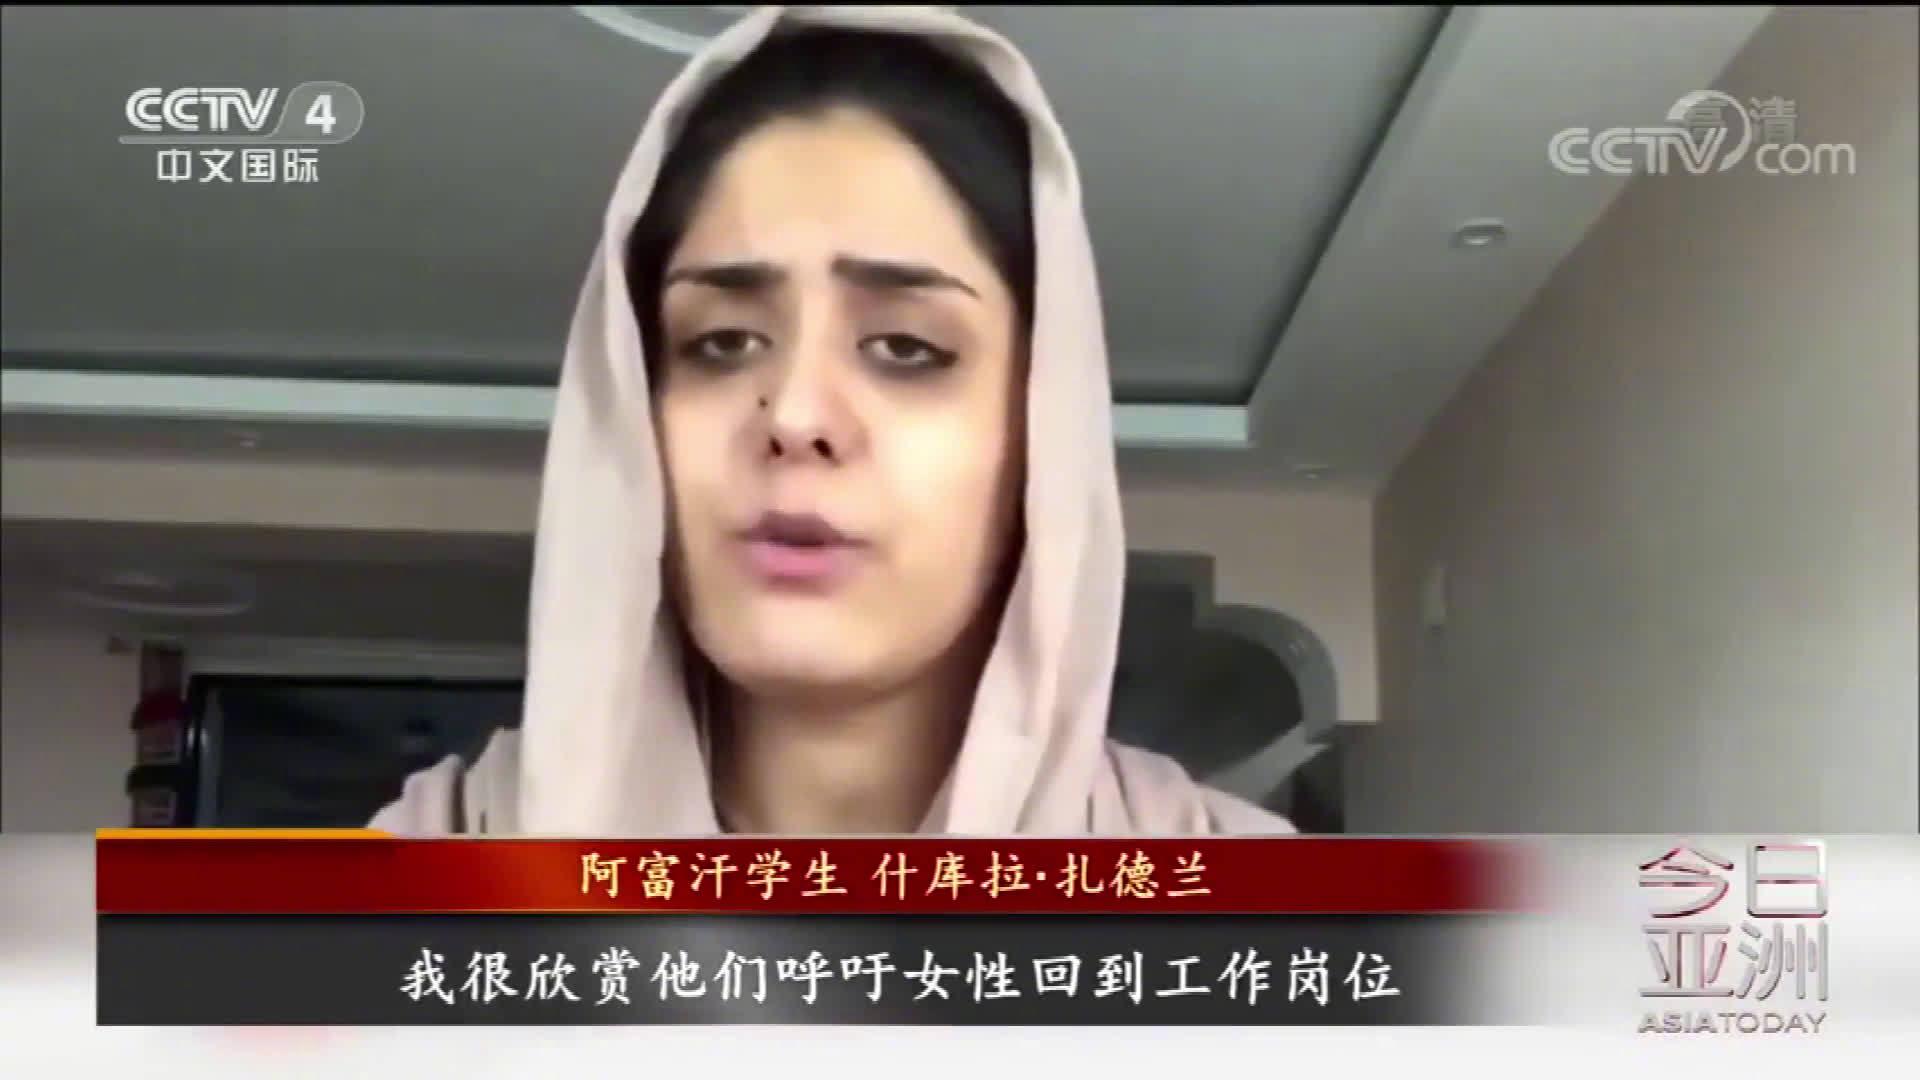 塔利班将允许女性工作和学习